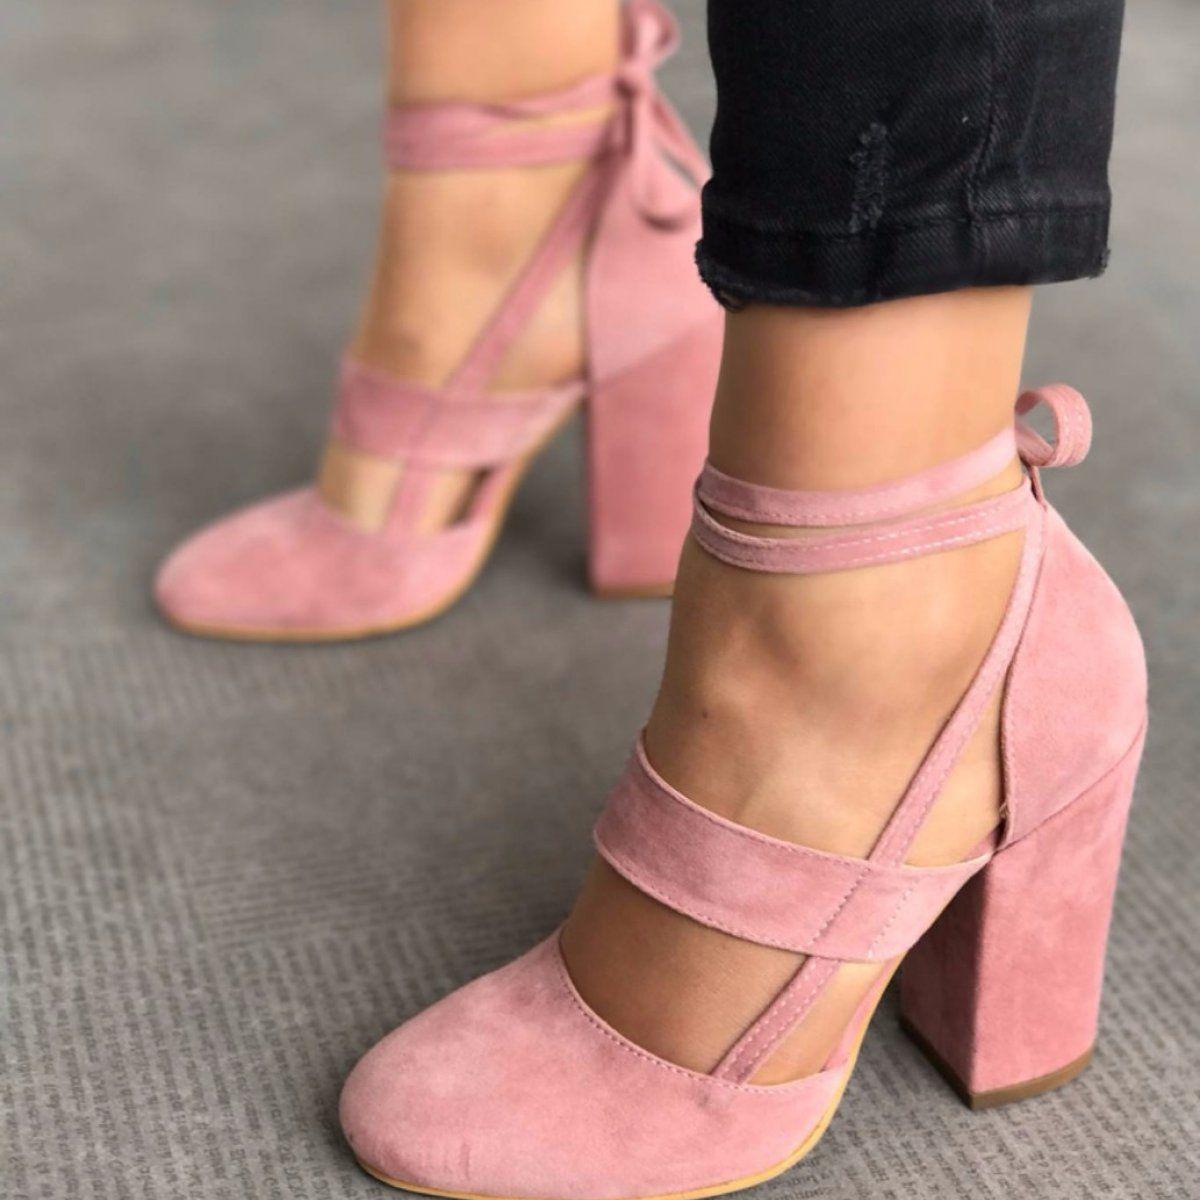 Модные тренды женских туфель на 2019 год в 2019 году